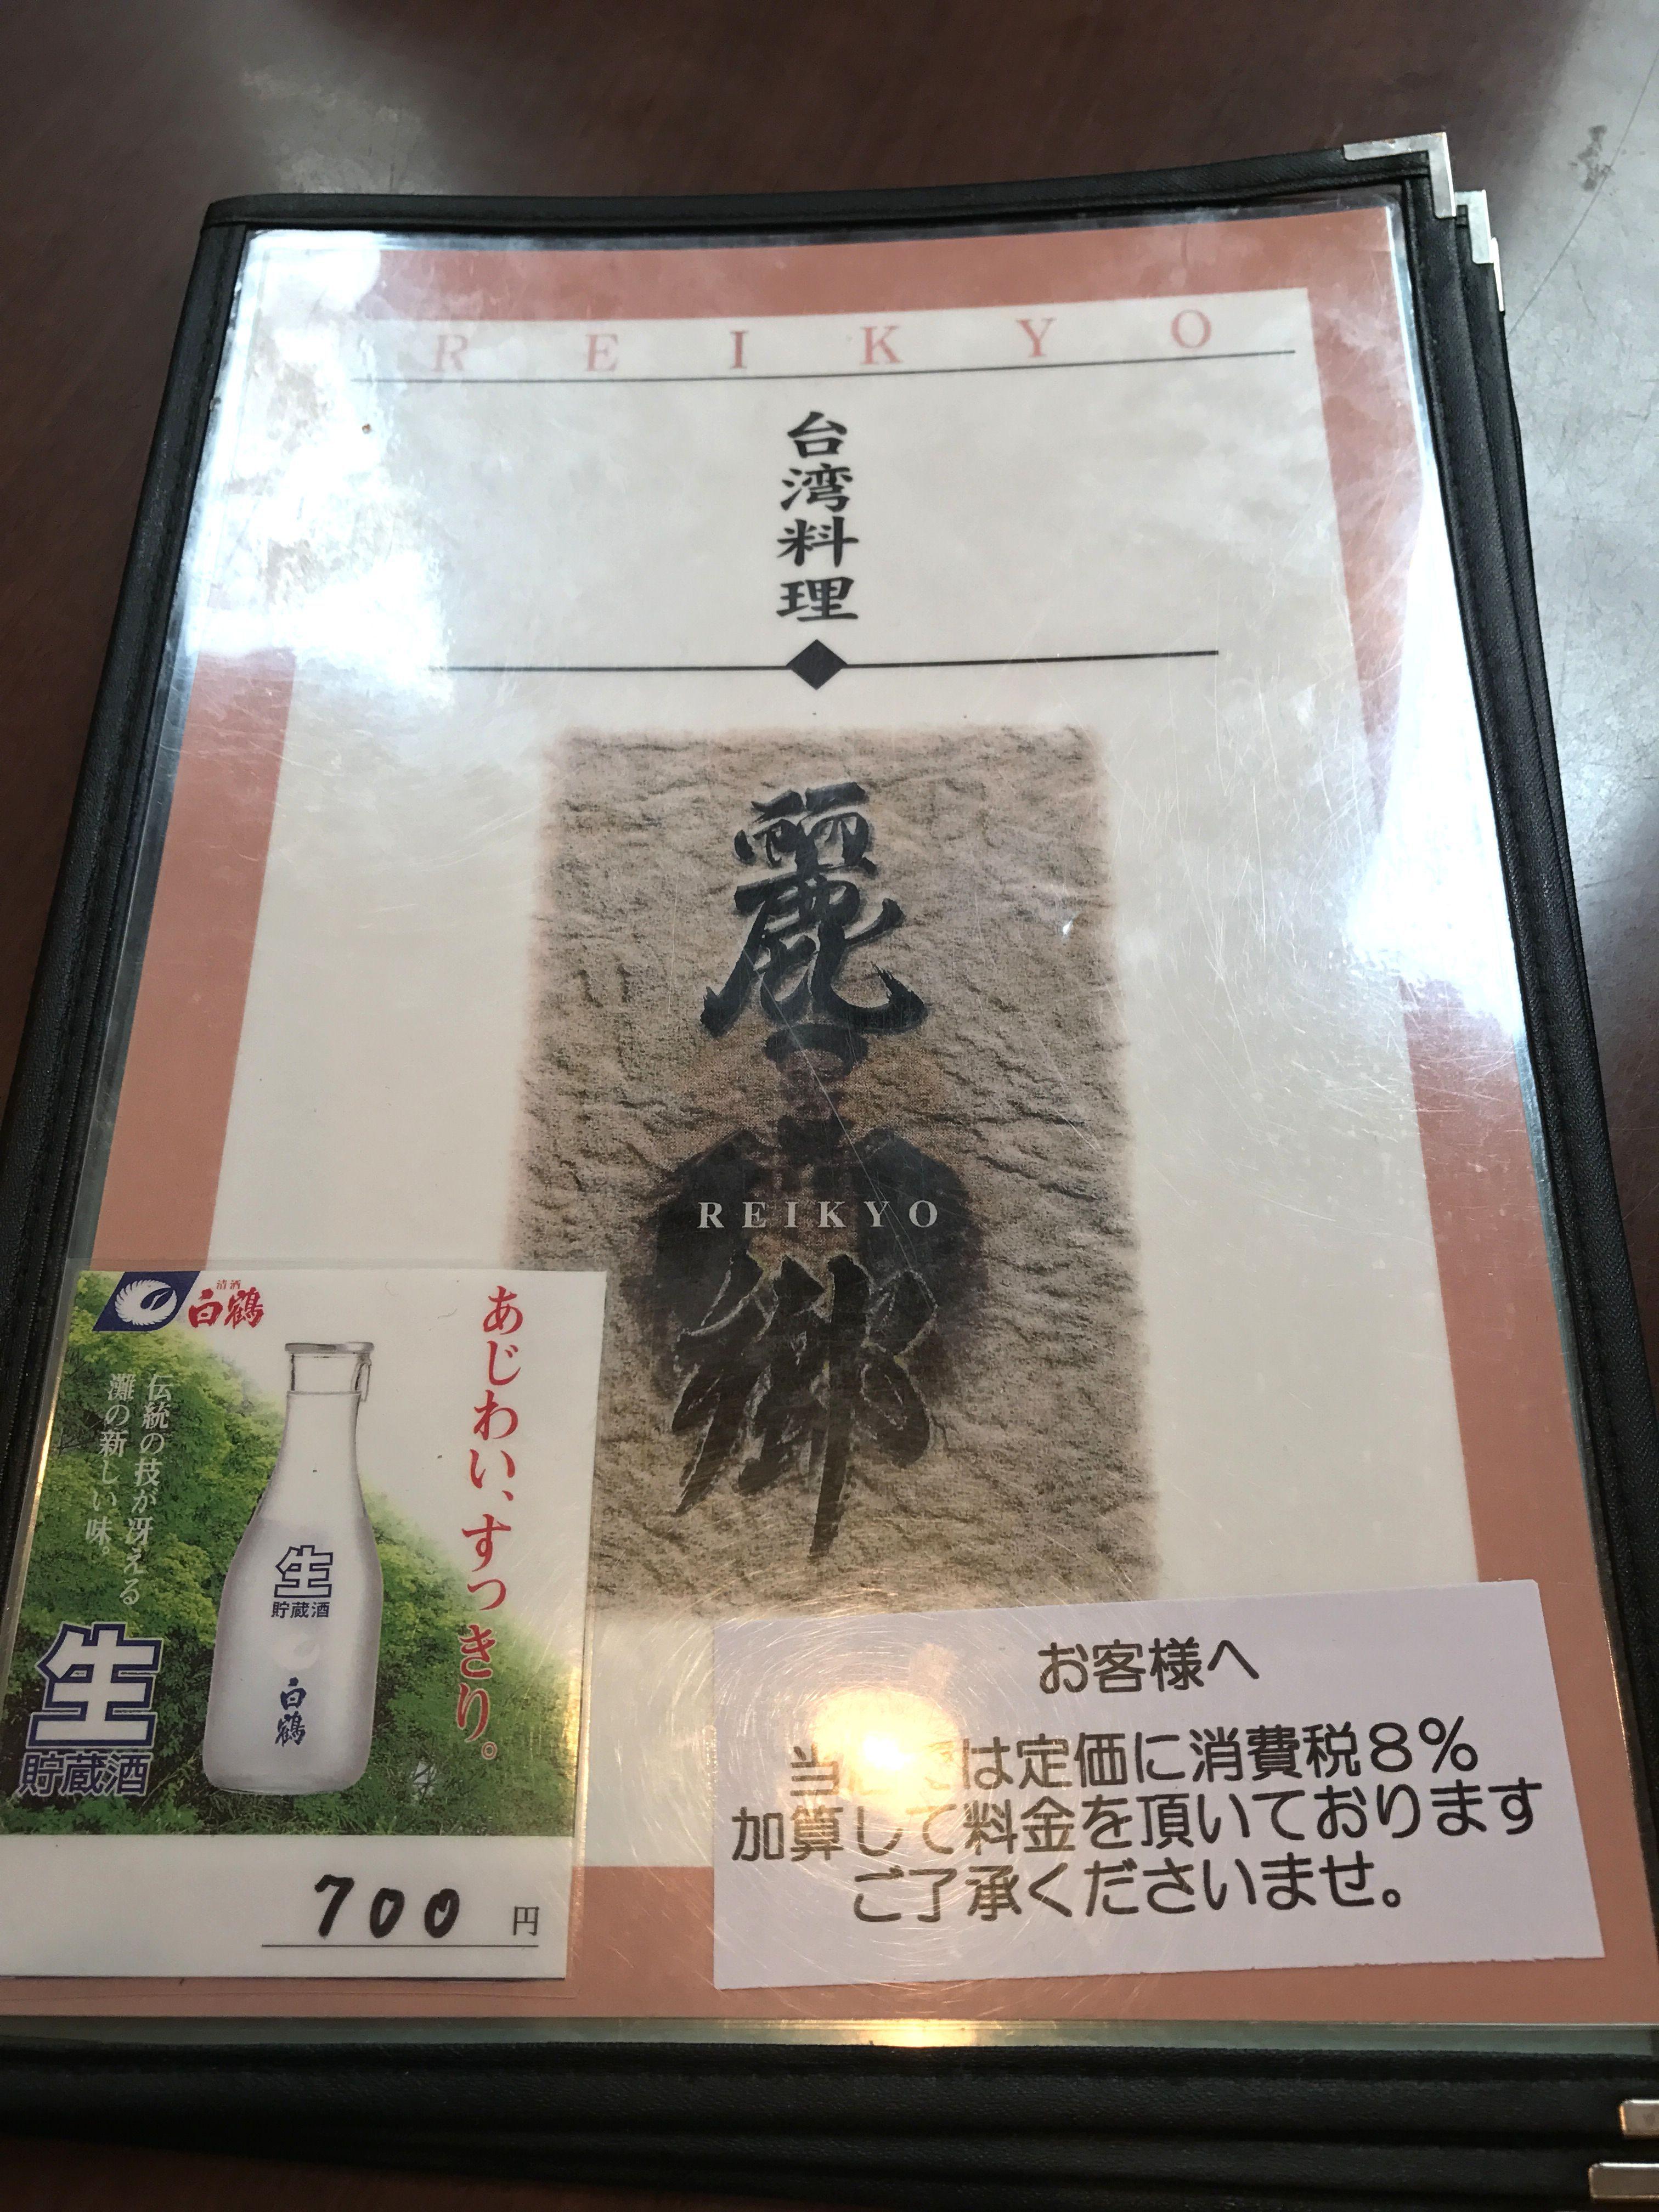 渋谷「麗郷」のメニュー表紙